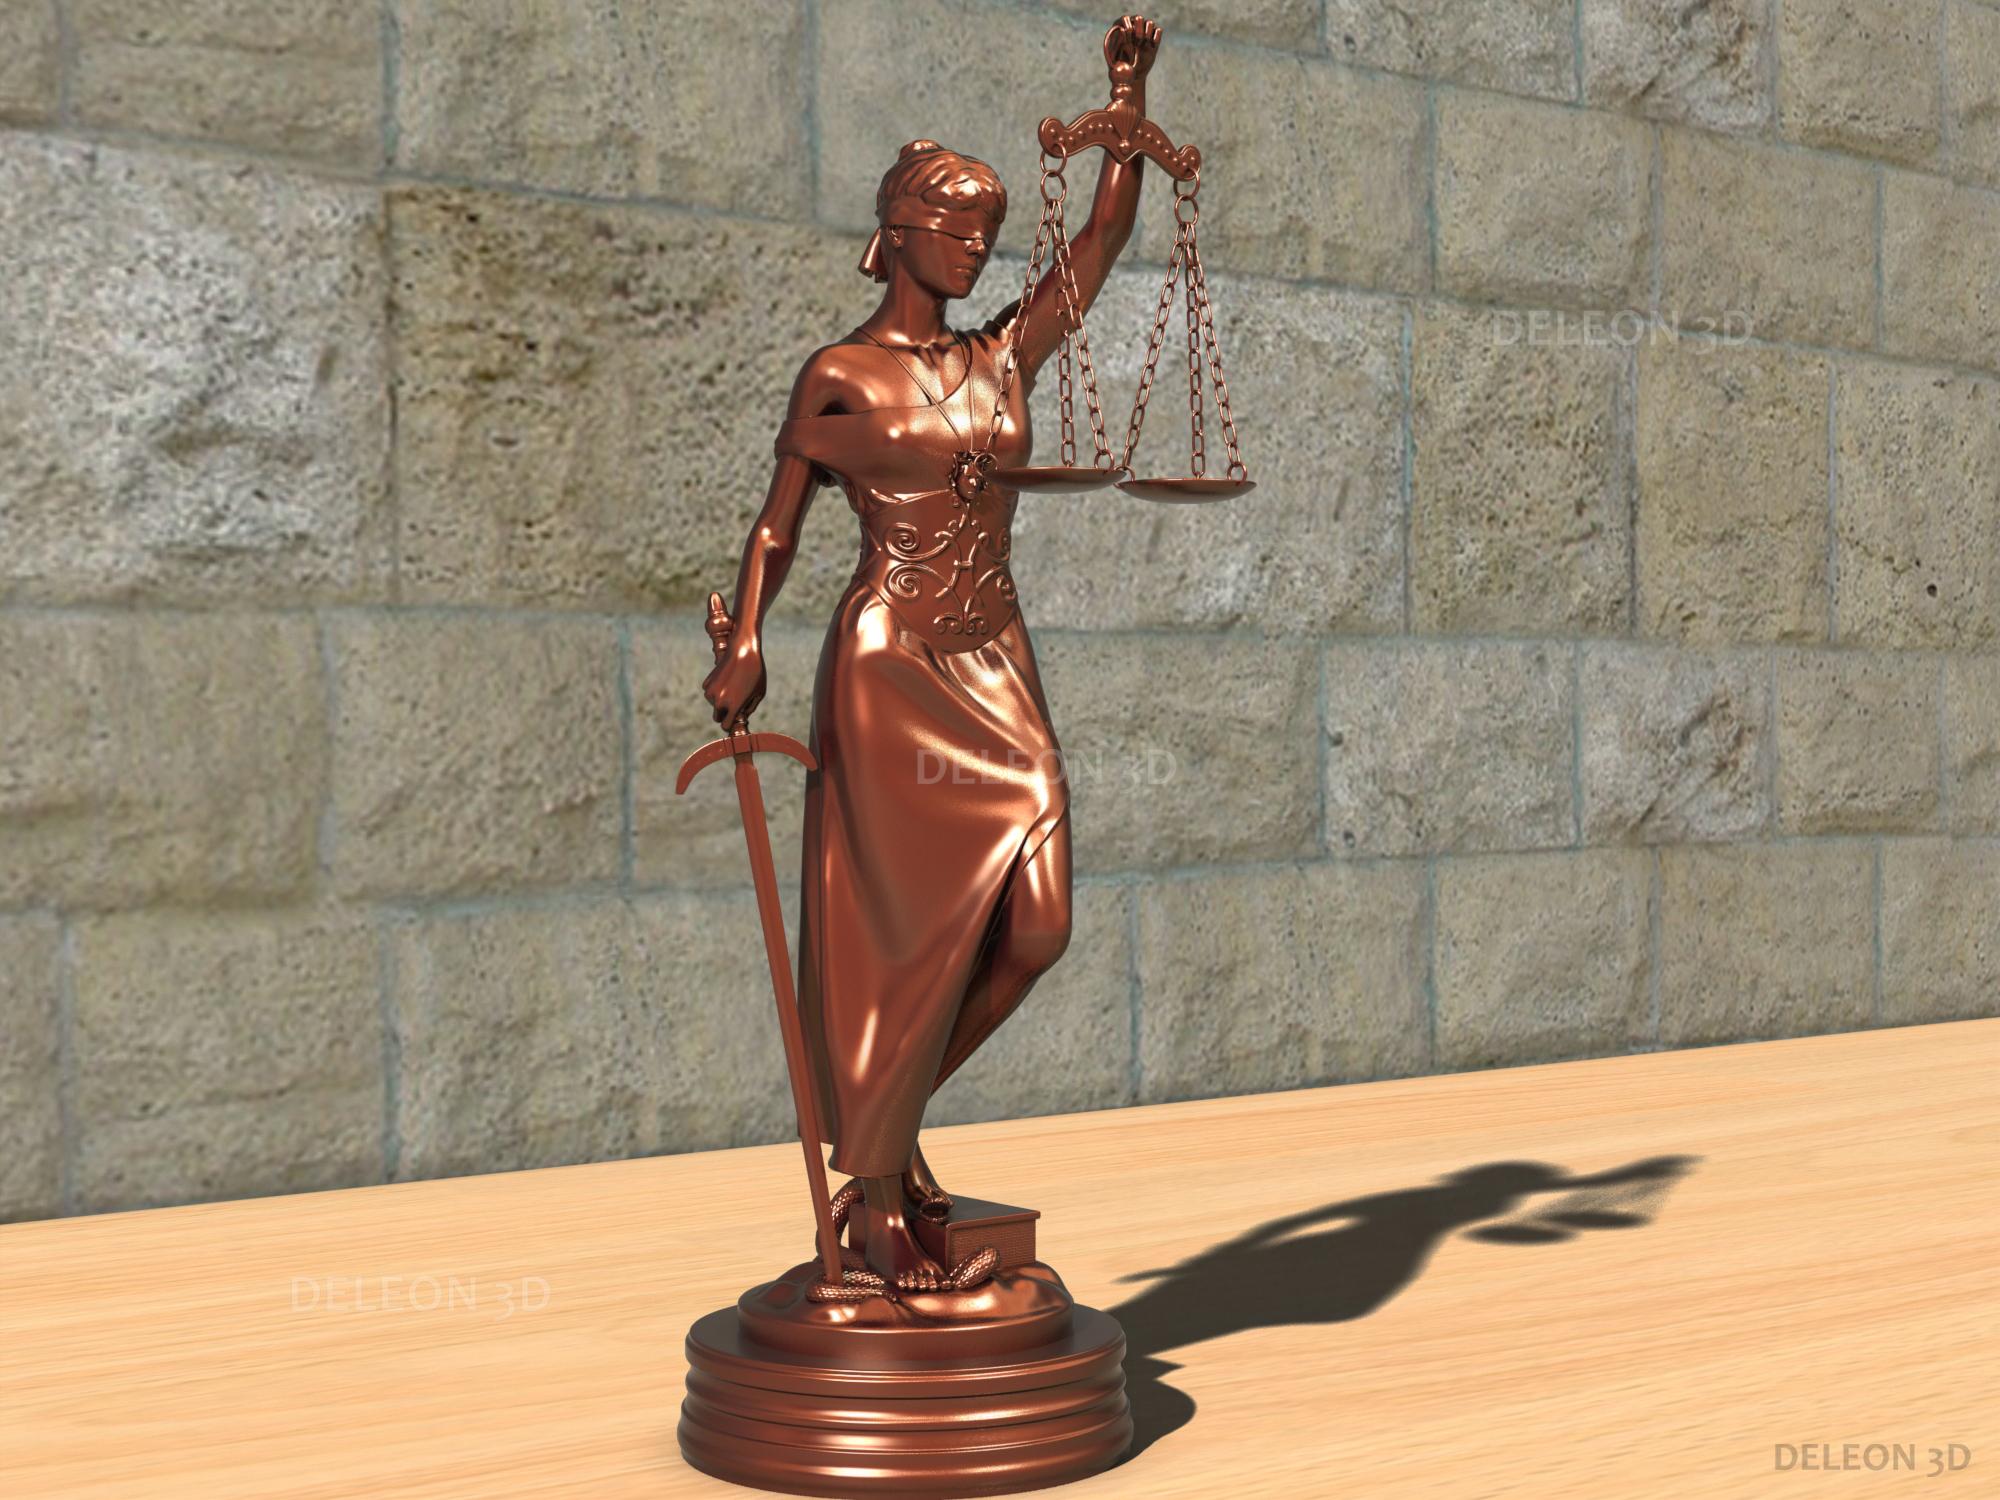 statue themis 3d model max fbx c4d lxo  obj ztl 221777